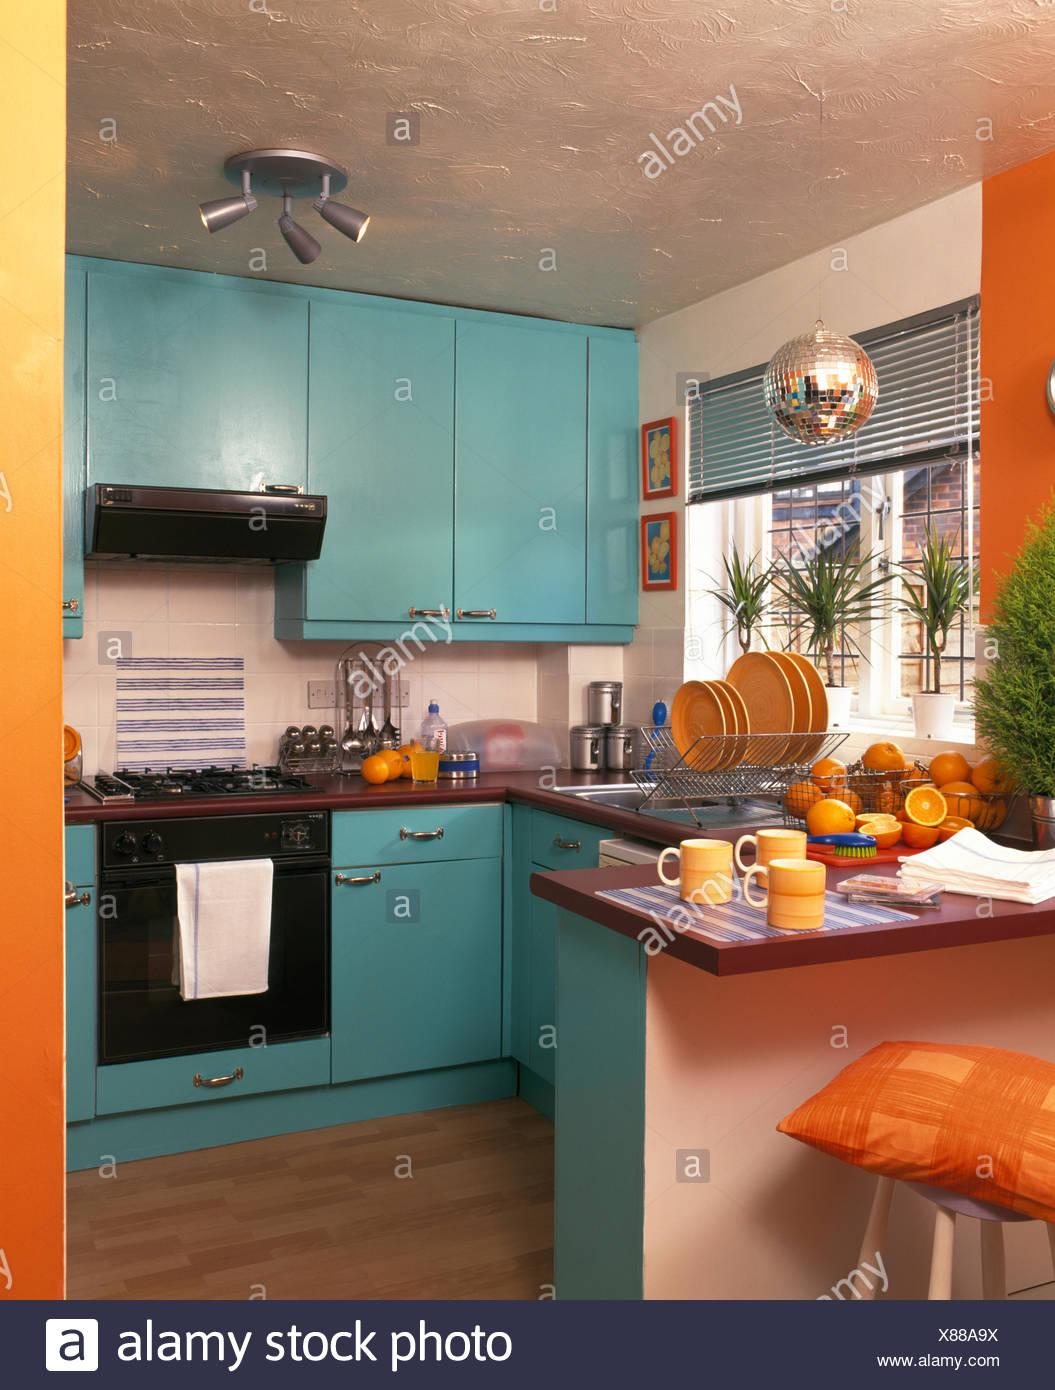 Interiors Kitchen Nineties Yellow Stock Photos & Interiors Kitchen ...